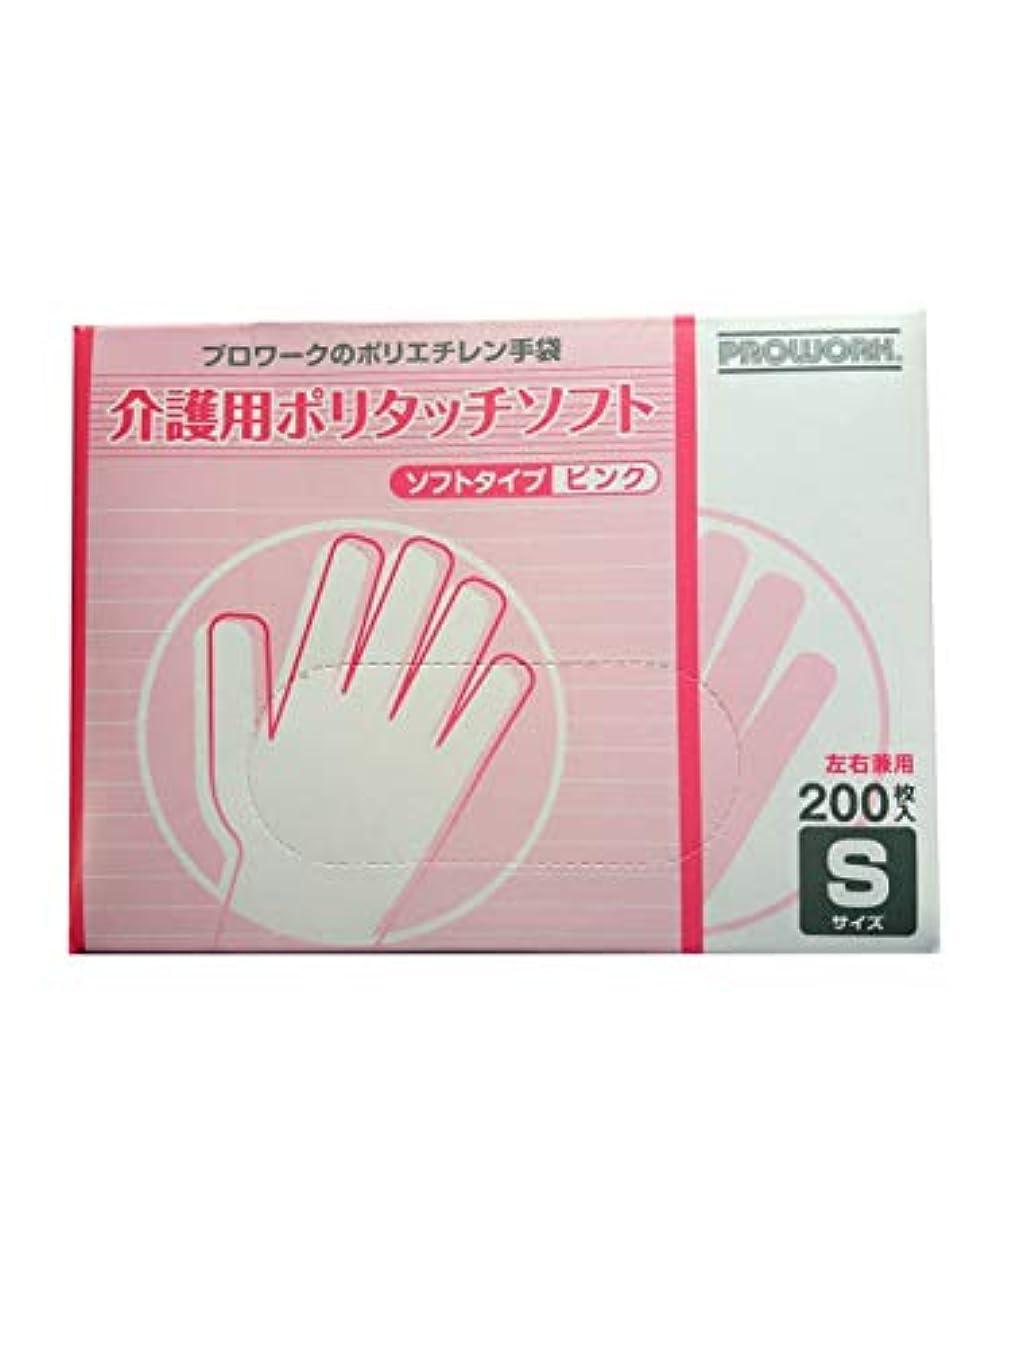 小説祈る並外れた介護用ポリタッチソフト手袋 ピンク Sサイズ 左右兼用200枚入